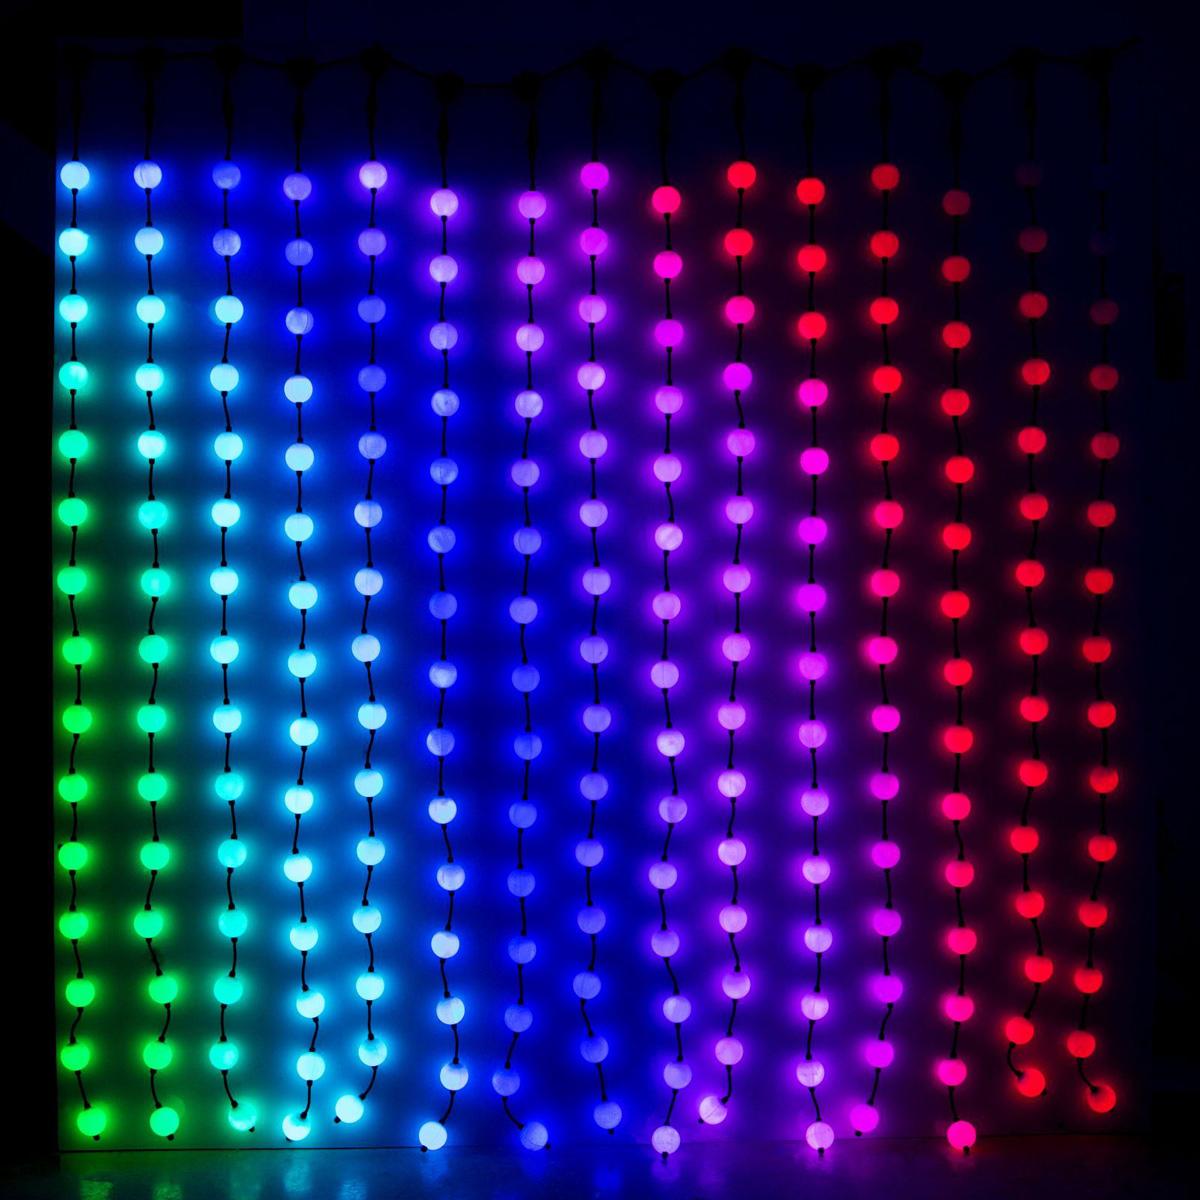 Гирлянда светодиодная Дождь. Умные шарики, 30 режимов, 225 ламп, 220V, цвет: мультиколор, 1,5 х 1,5 м. 1065000187266Светодиодные гирлянды, ленты и т.д — это отличный вариант для новогоднего оформления интерьера или фасада. С их помощью помещение любого размера можно превратить в праздничный зал, а внешние элементы зданий, украшенные ими, мгновенно станут напоминать очертания сказочного дворца. Такие украшения создают ауру предвкушения чуда. Деревья, фасады, витрины, окна и арки будто специально созданы, чтобы вы украсили их светящимися нитями.